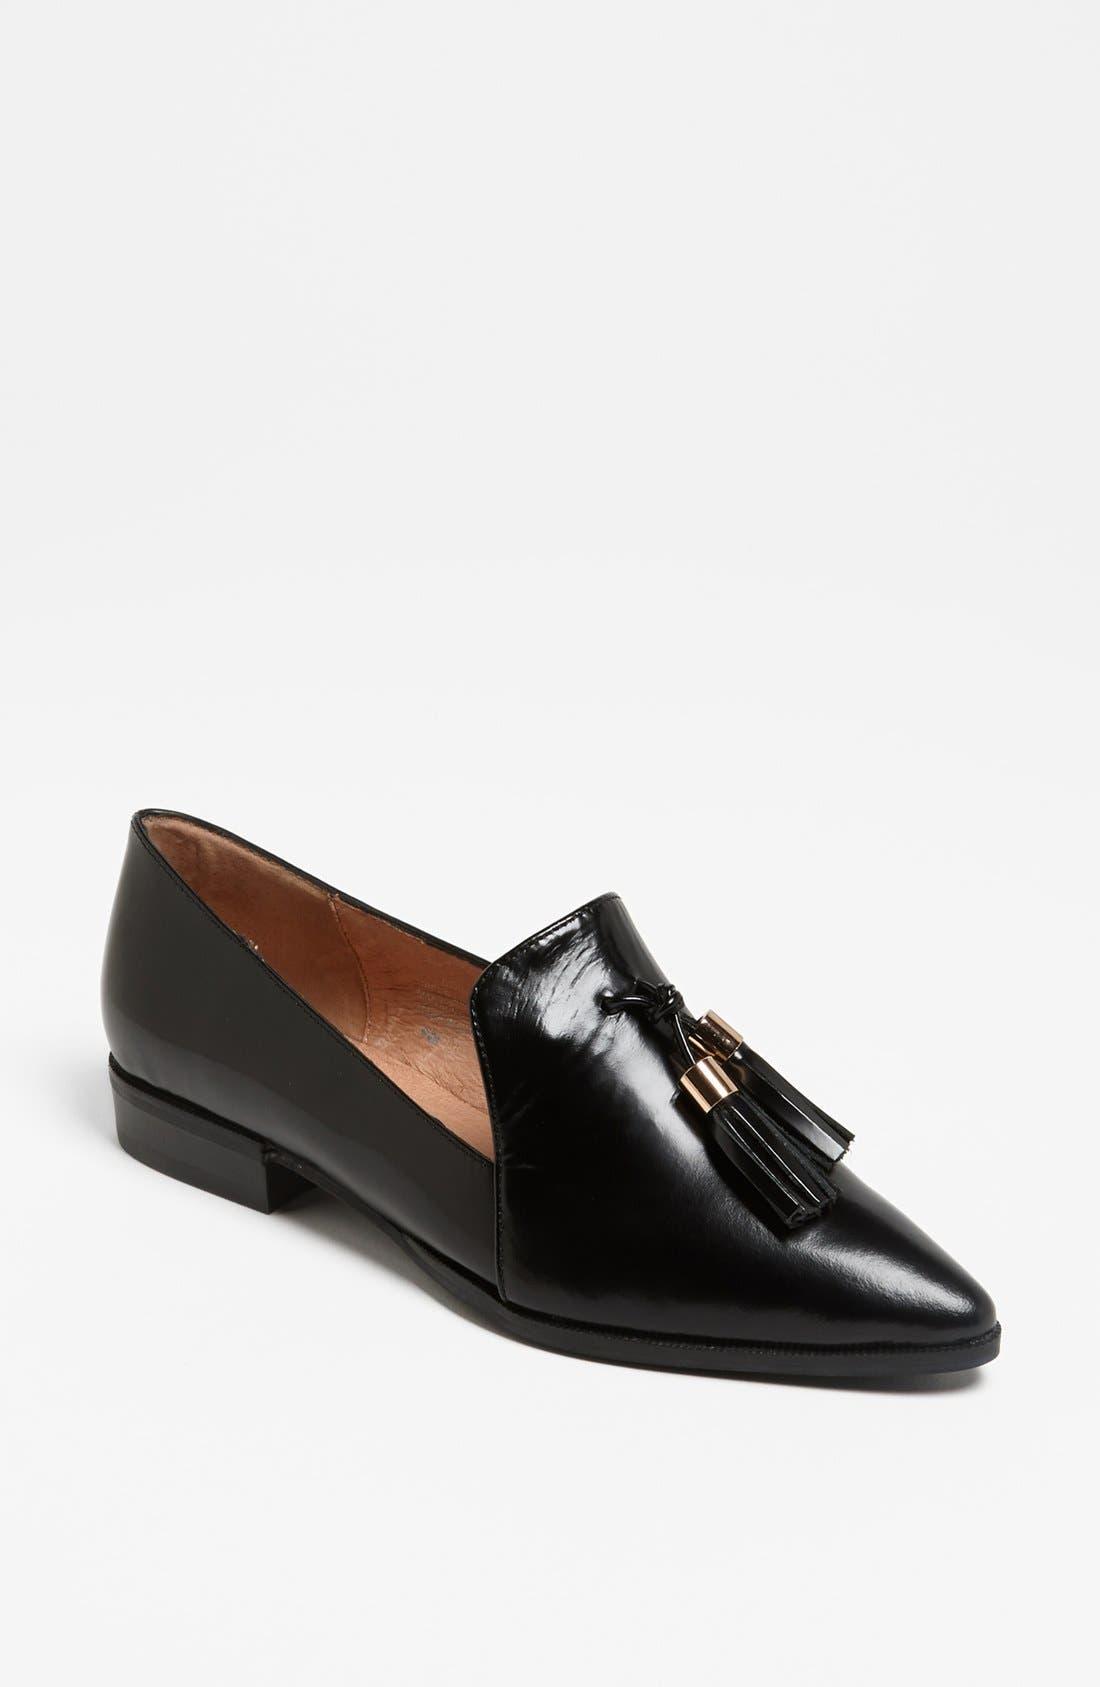 Alternate Image 1 Selected - Jeffrey Campbell 'Blane' Tassel Loafer Flat